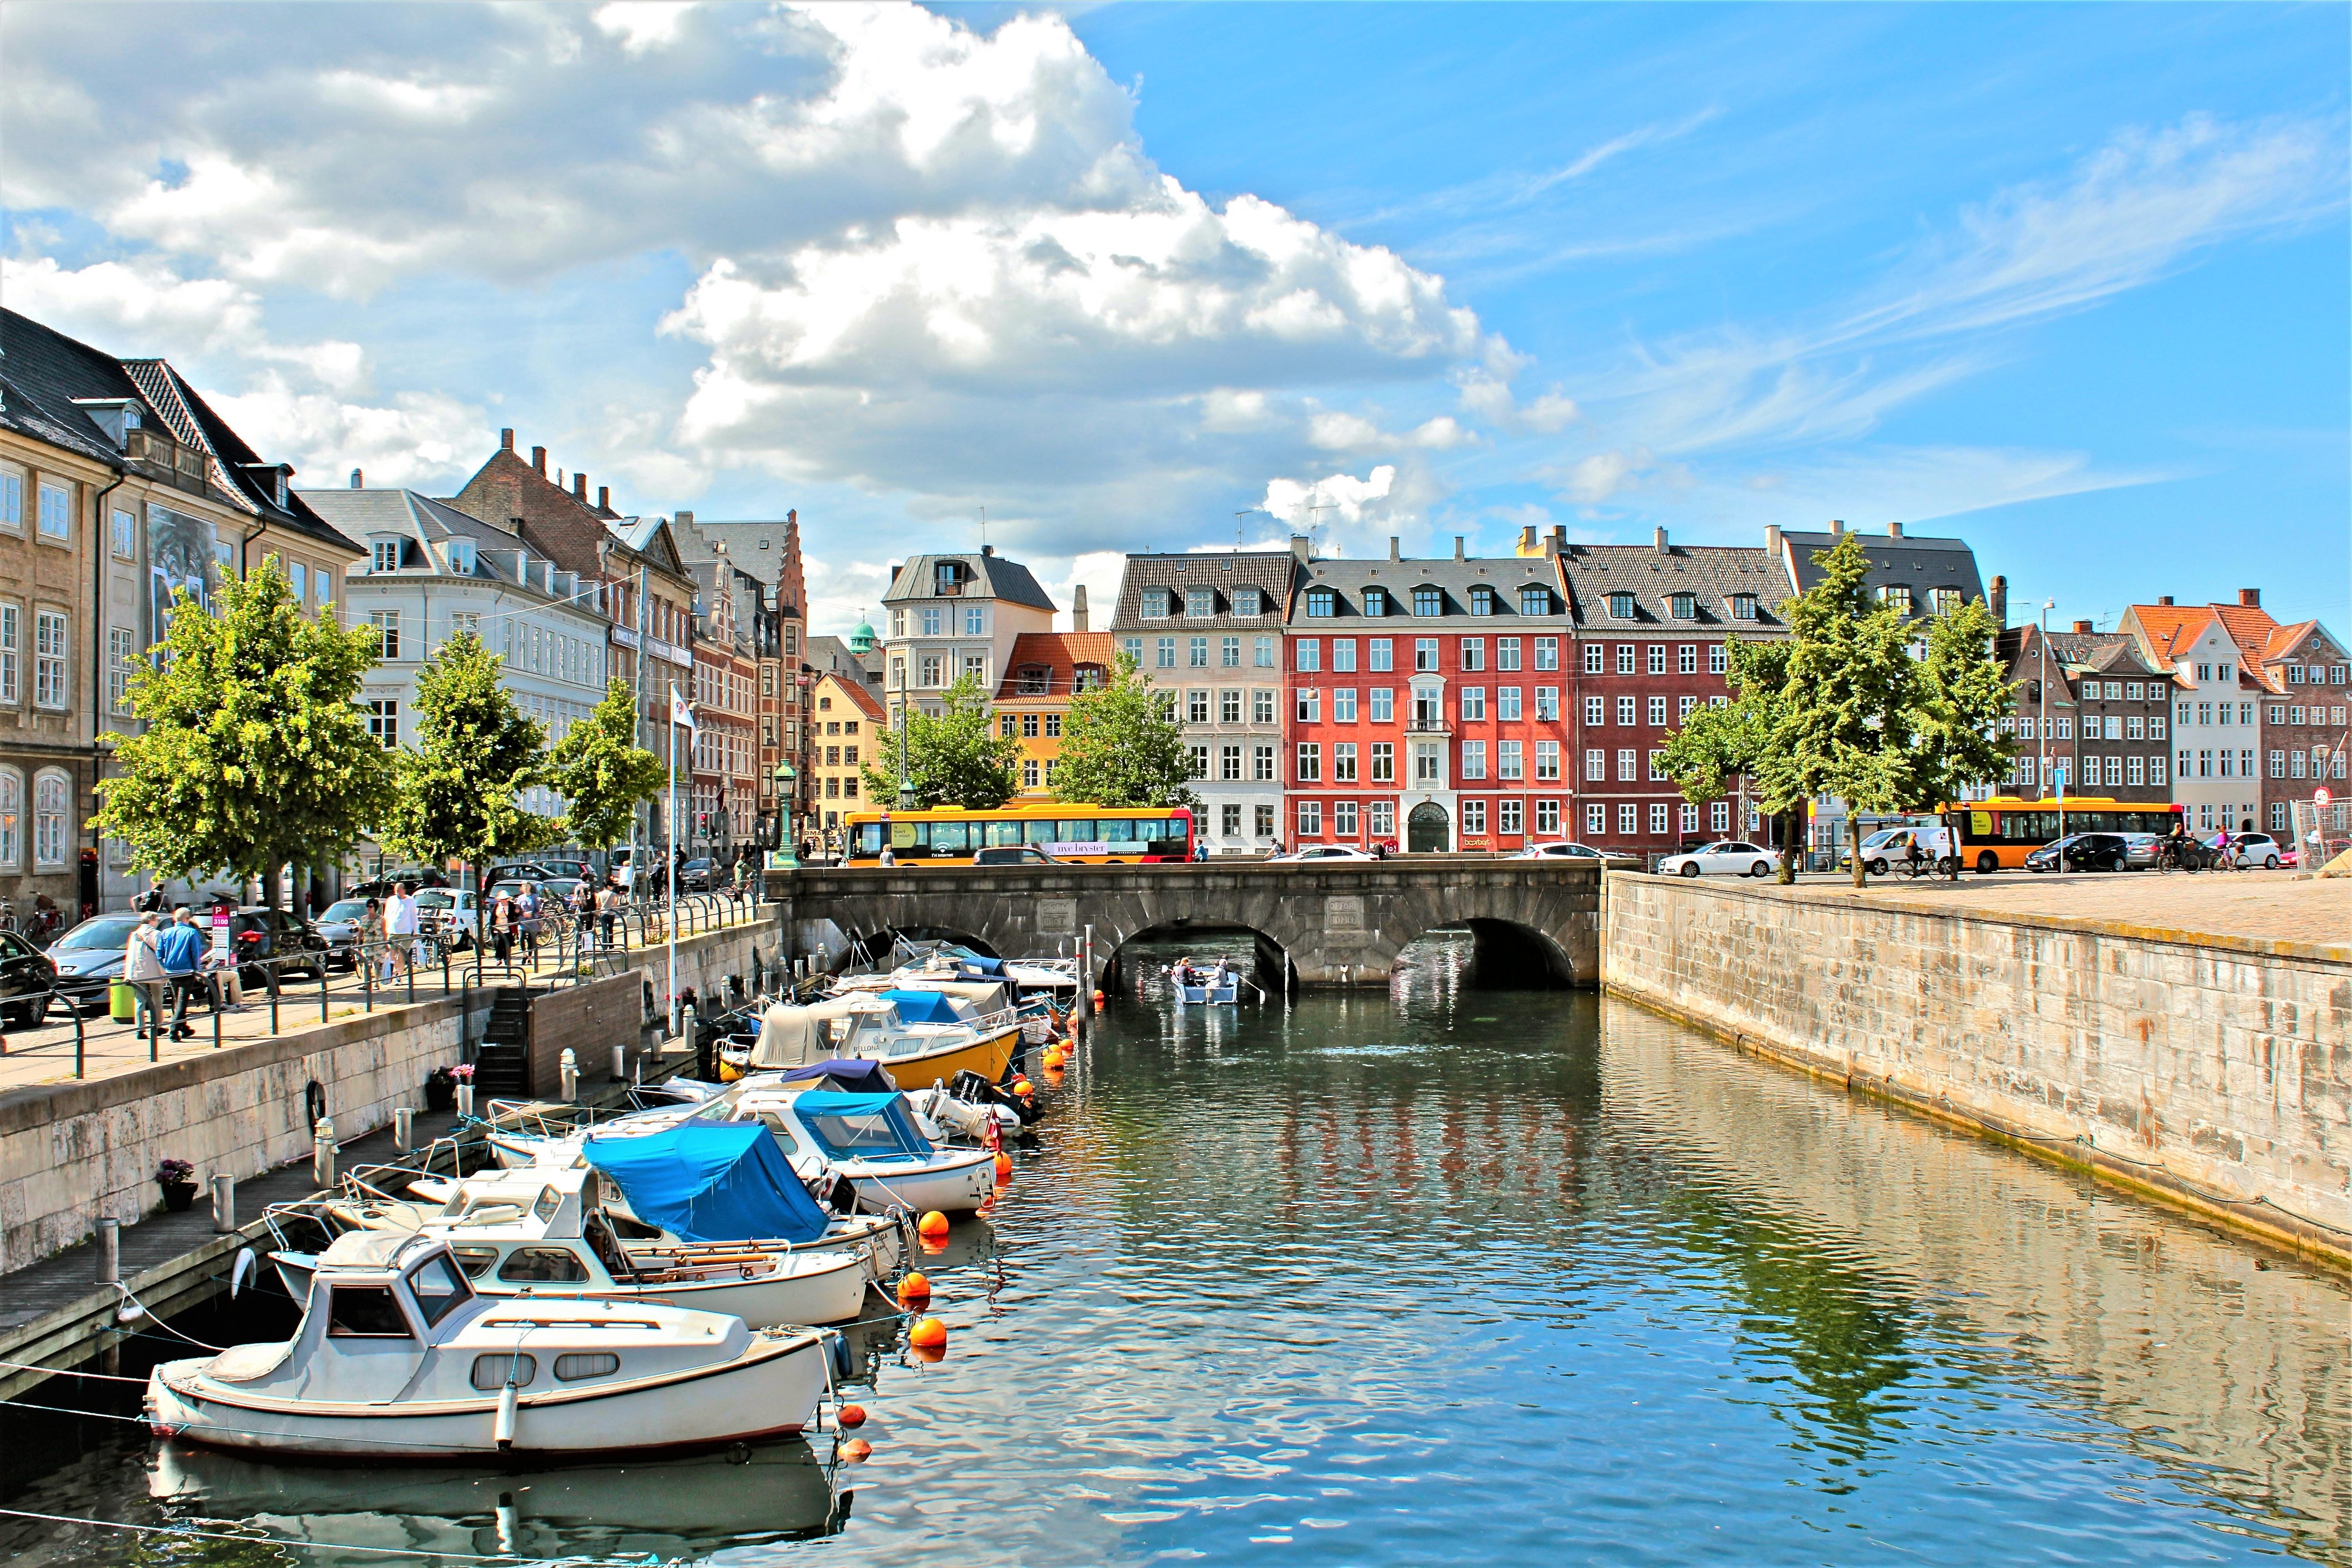 Kopenhagen (c) Pixabay